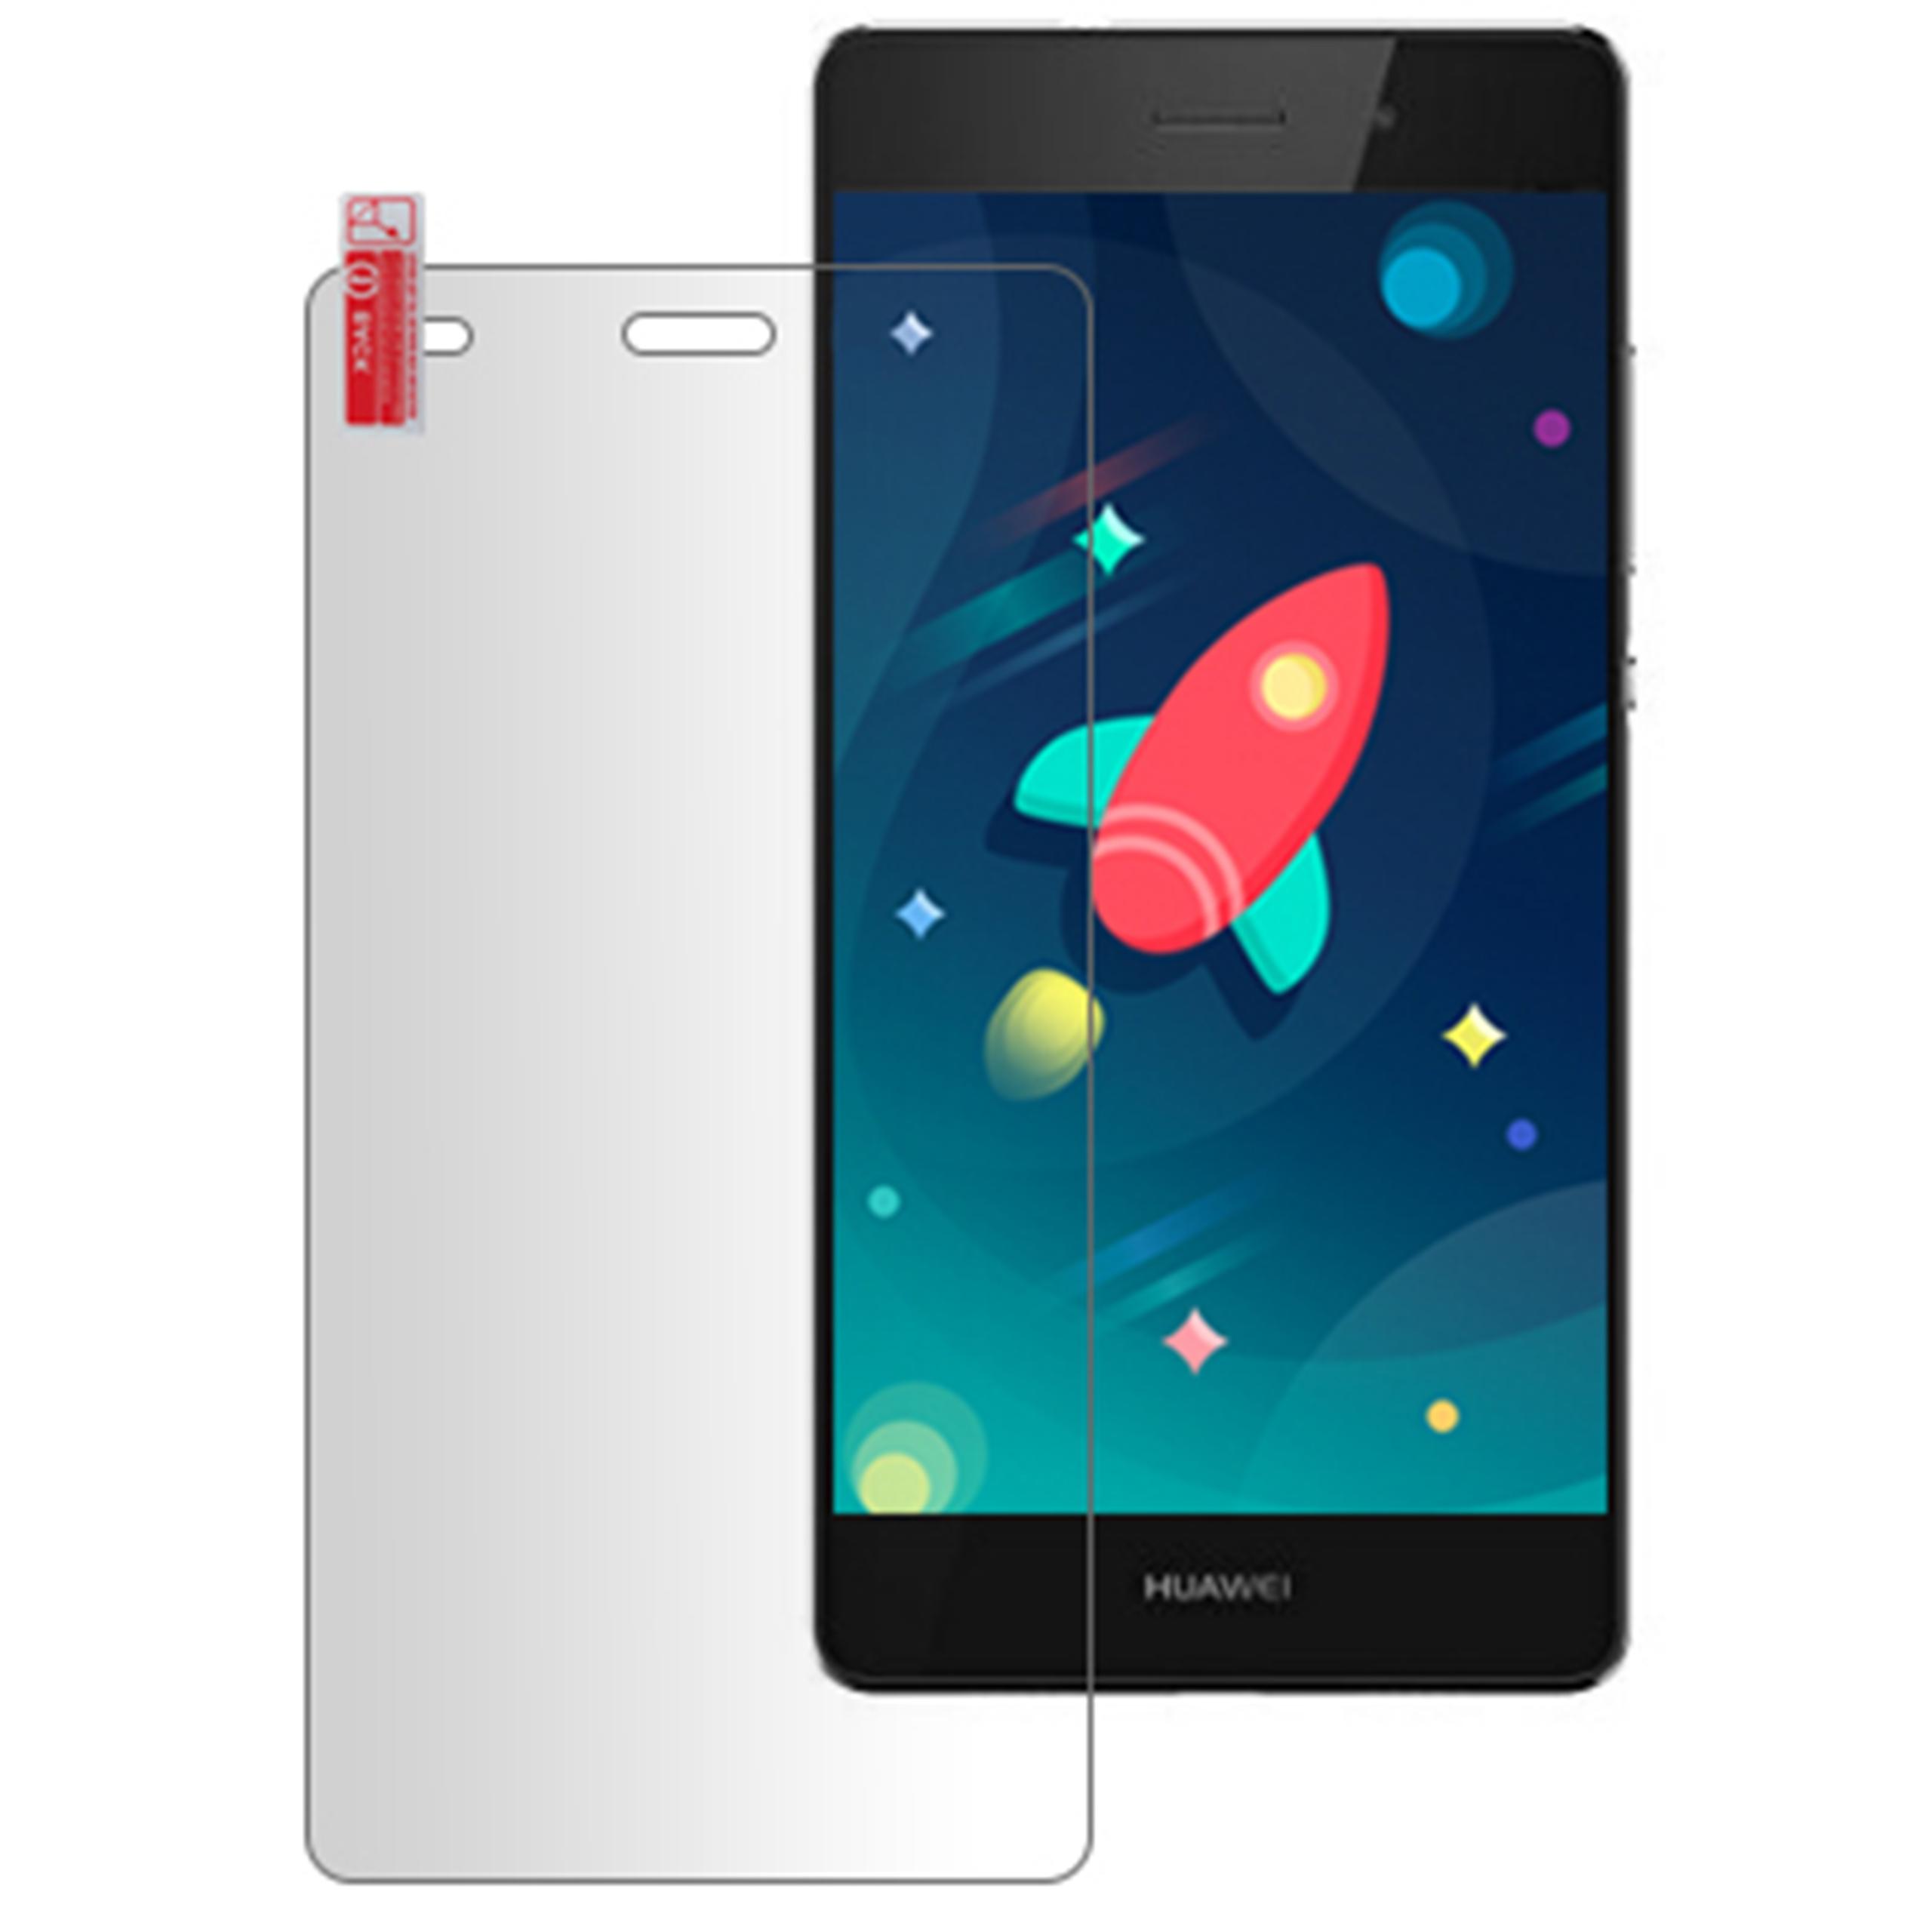 Tvrdené sklo 9h na Huawei p8 lite